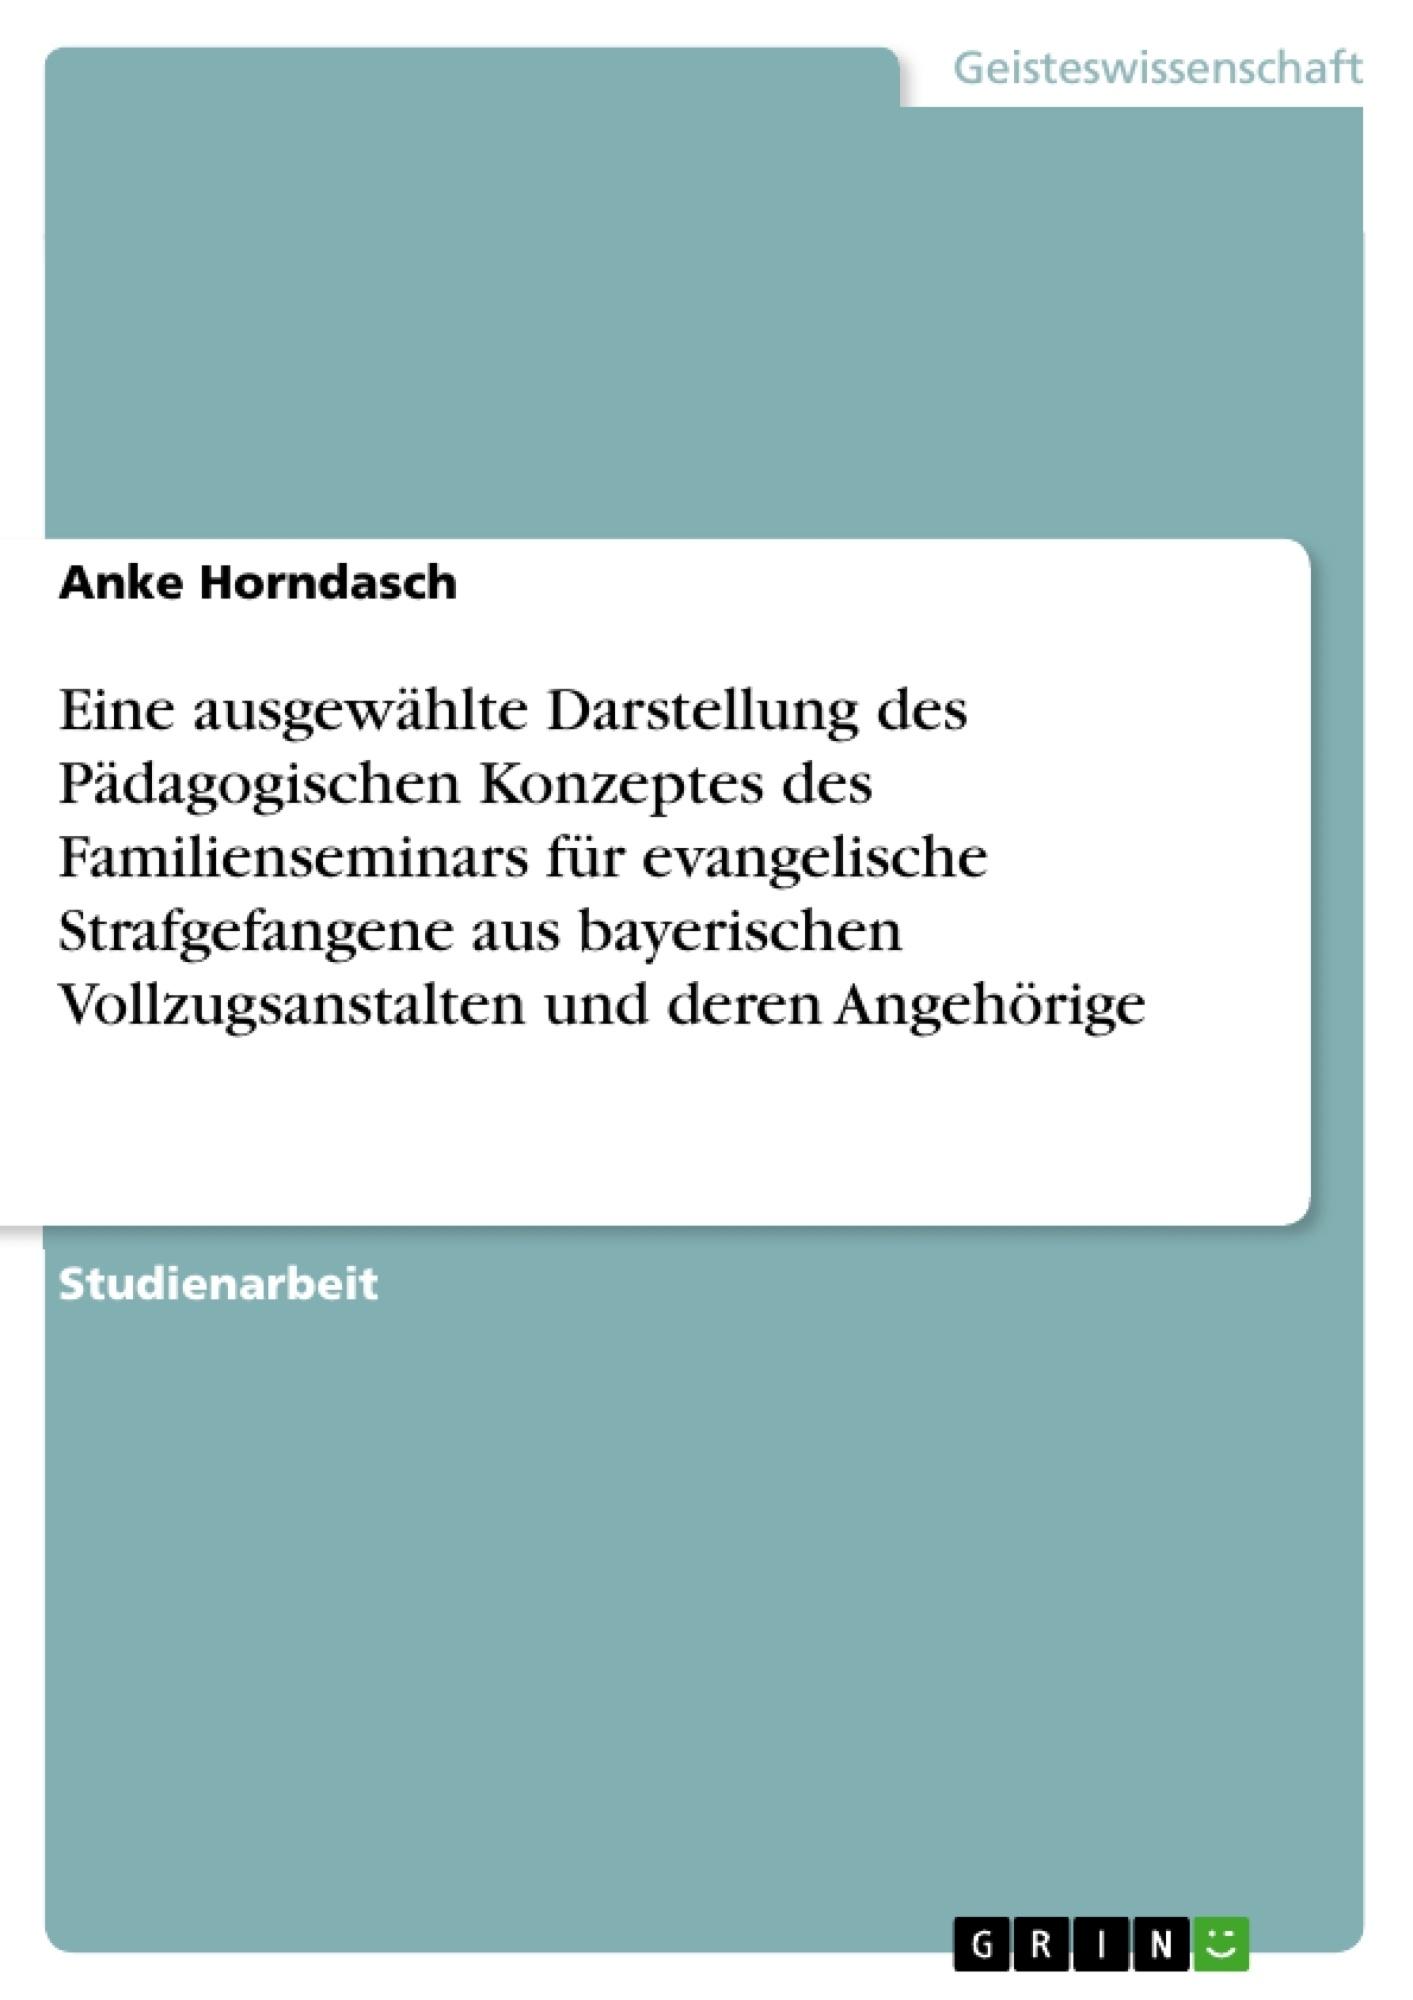 Titel: Eine ausgewählte Darstellung des Pädagogischen Konzeptes des Familienseminars für evangelische Strafgefangene aus bayerischen Vollzugsanstalten und deren Angehörige